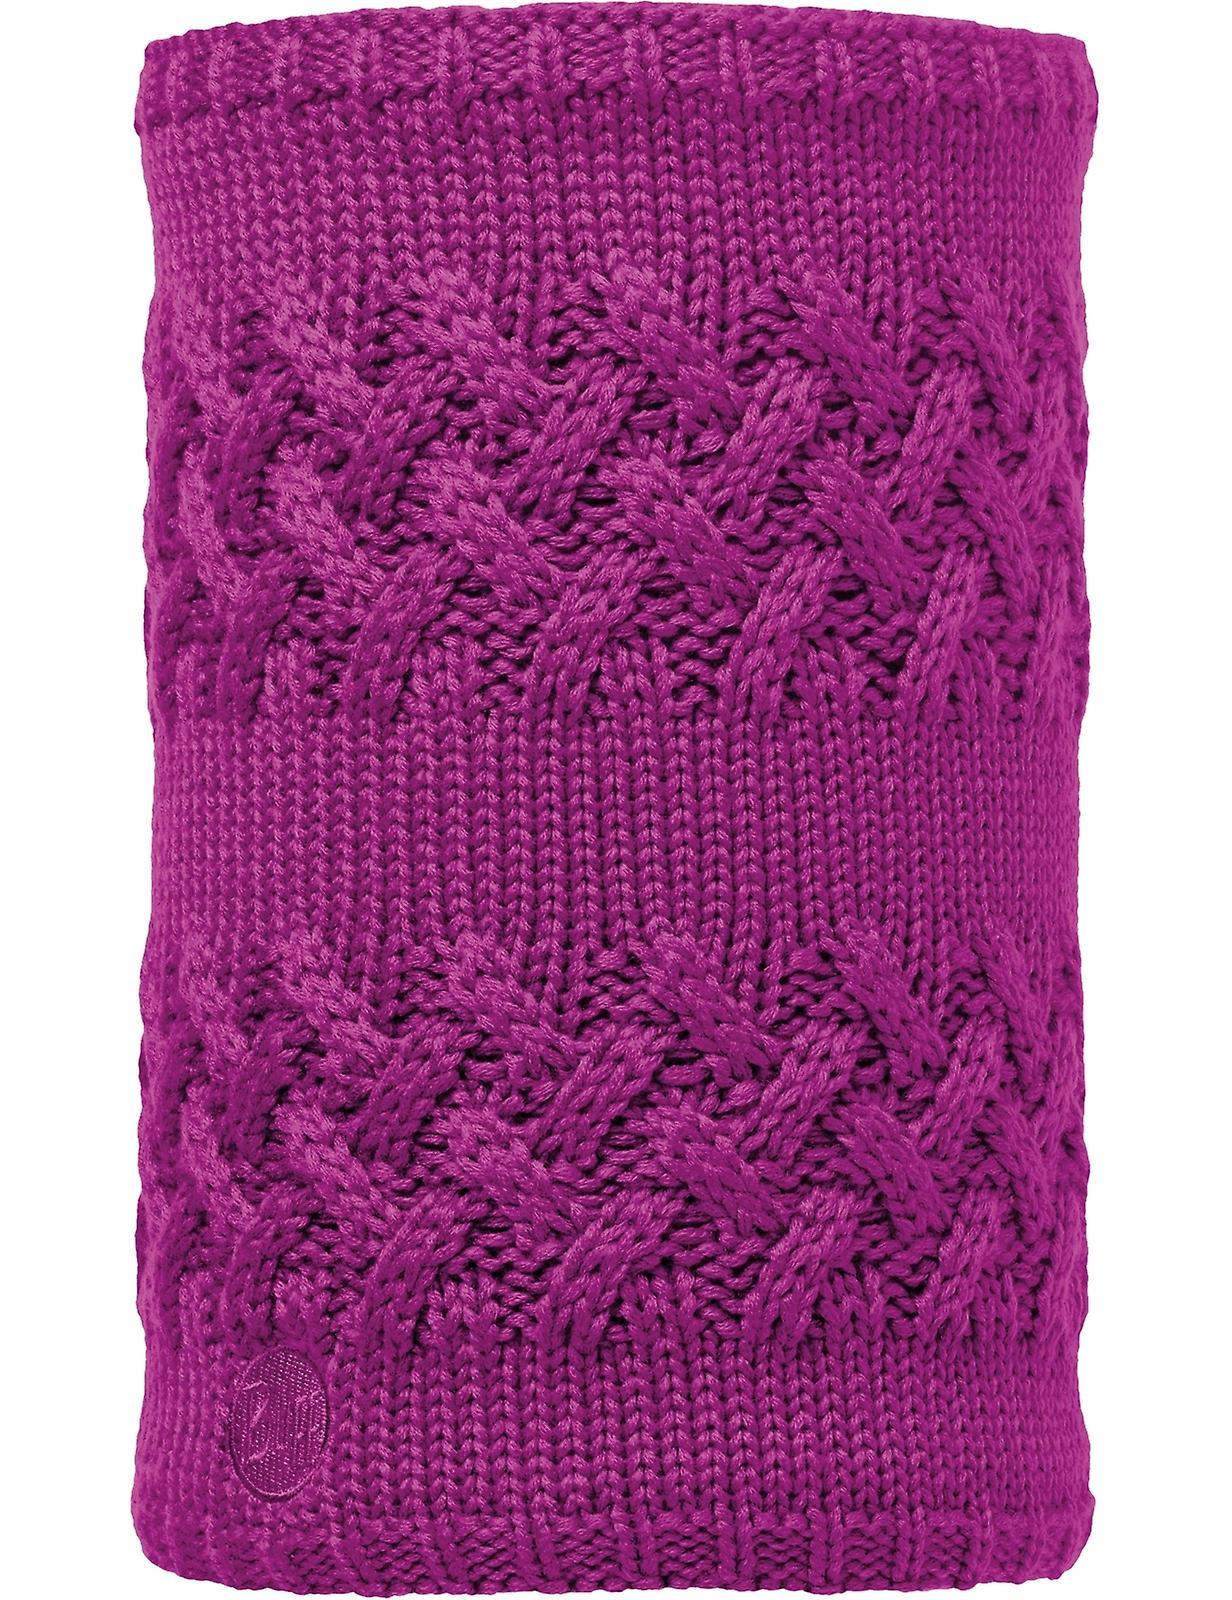 Buff Savva Knitted Neck Warmer